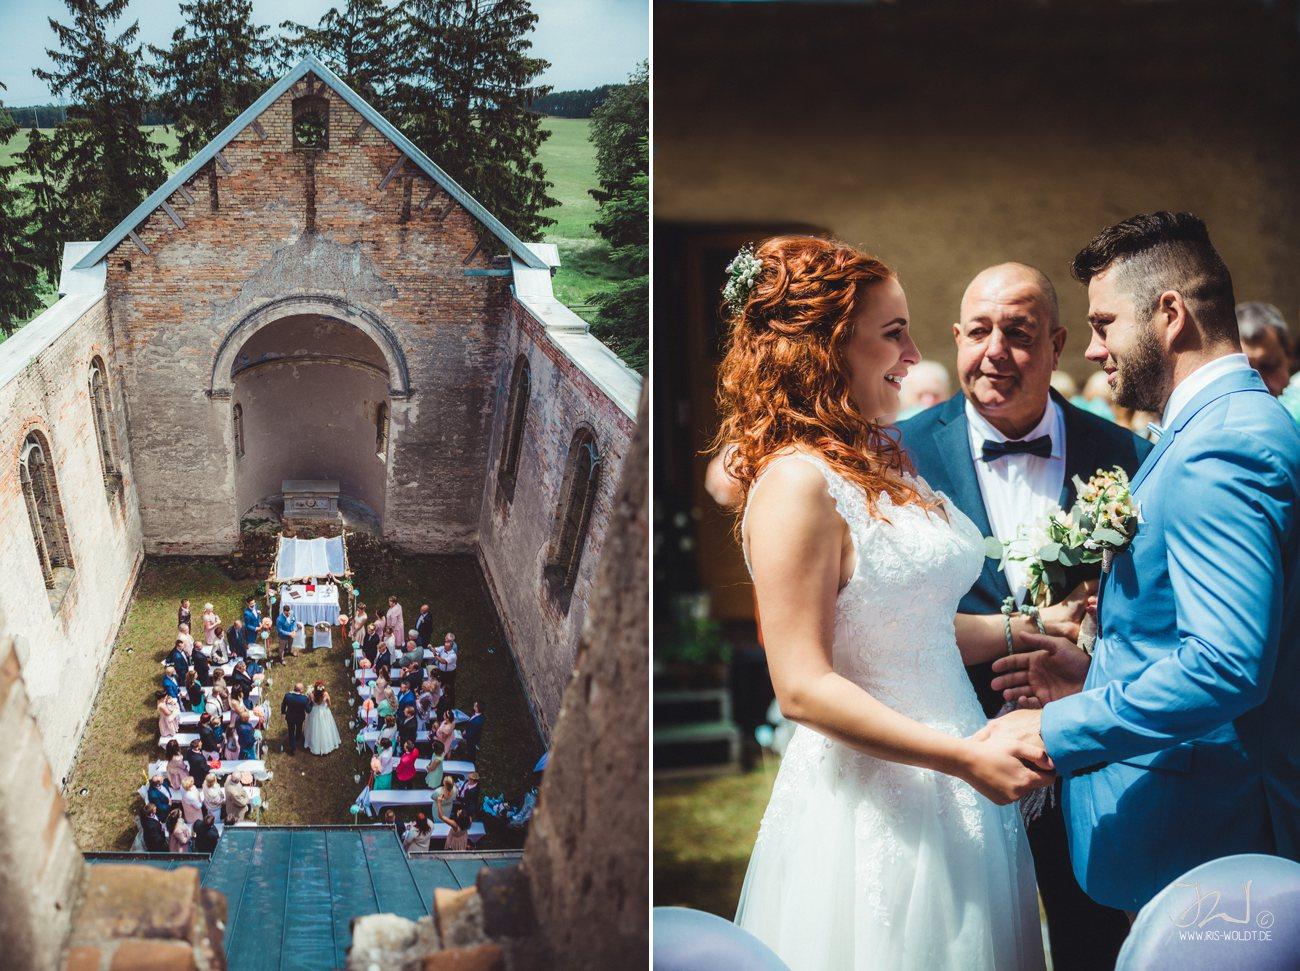 Hochzeitsfotograf_Altthymen_MuehleTornow_IrisWoldt 35